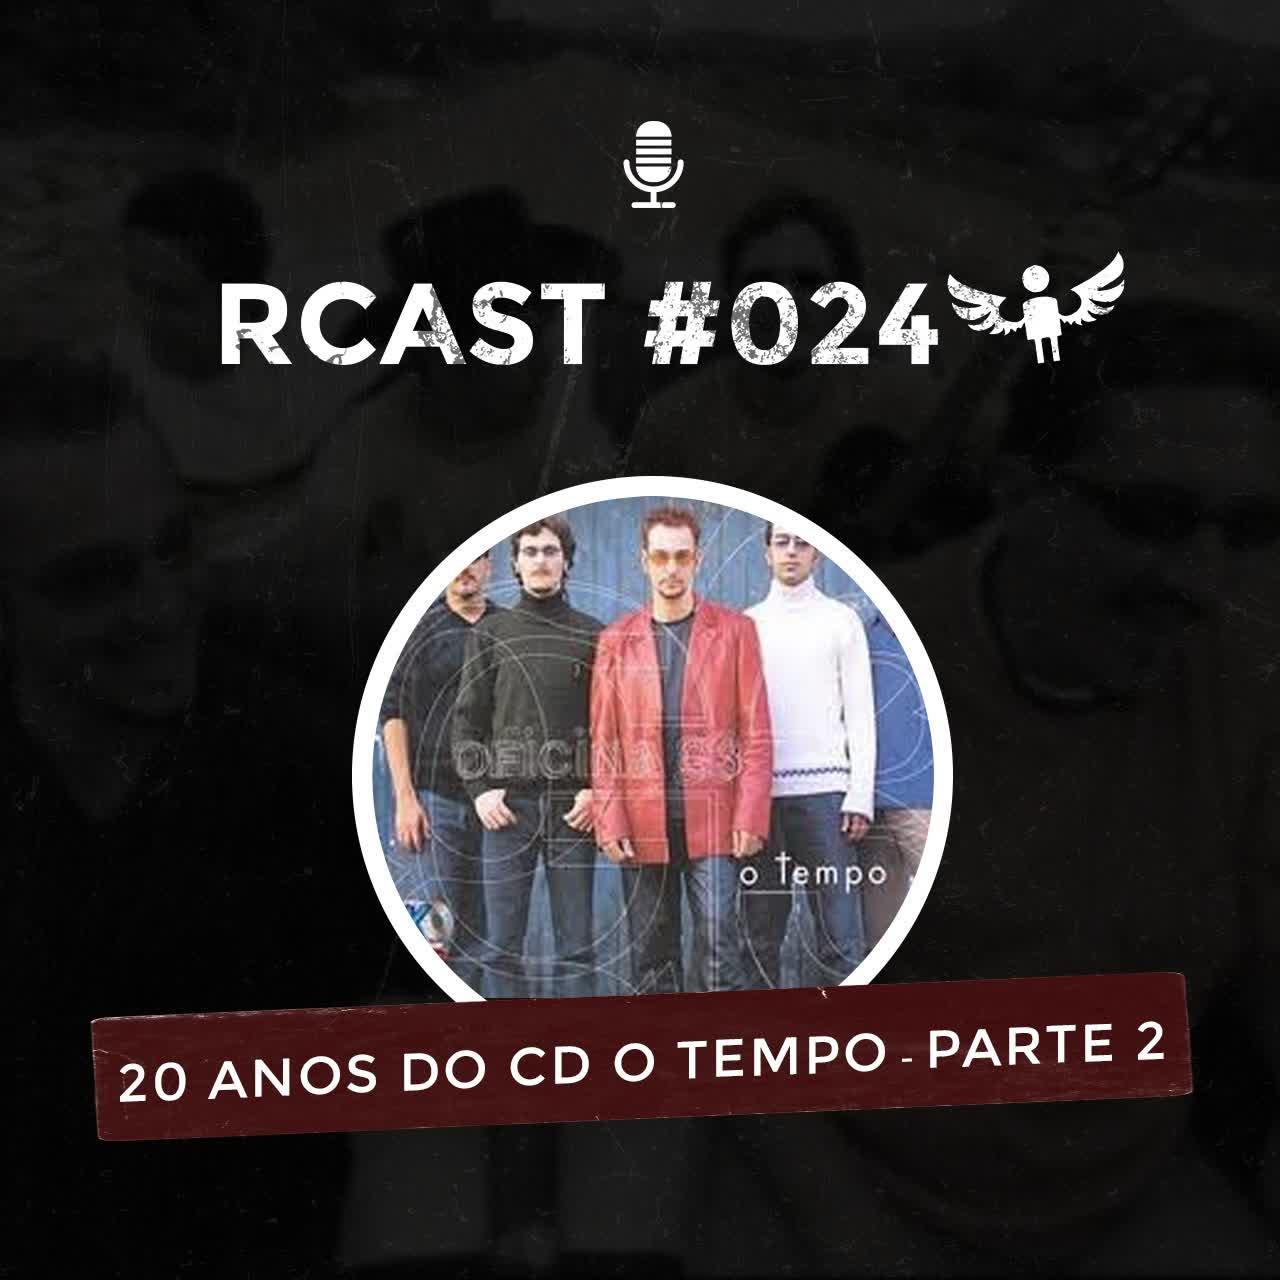 RCast #024 - O TEMPO COMPLETA 20 ANOS Parte 2